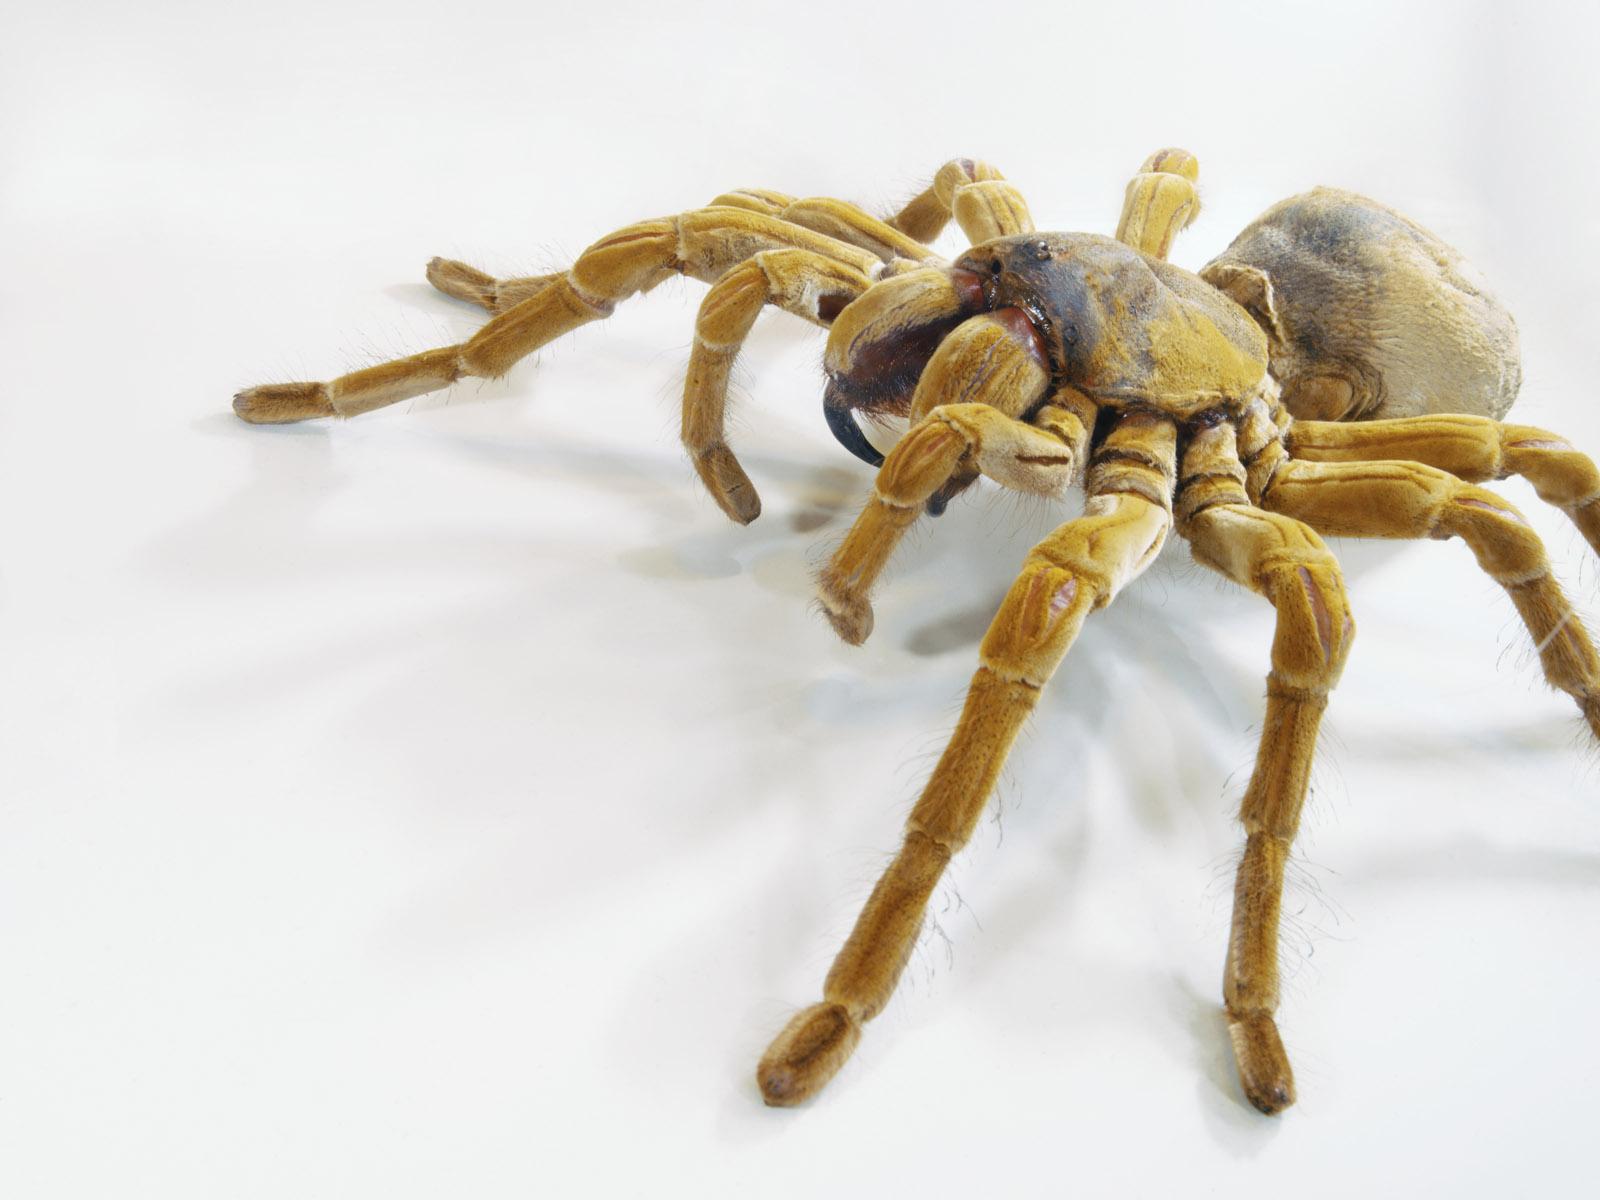 Ru обои на рабочий стол насекомые на